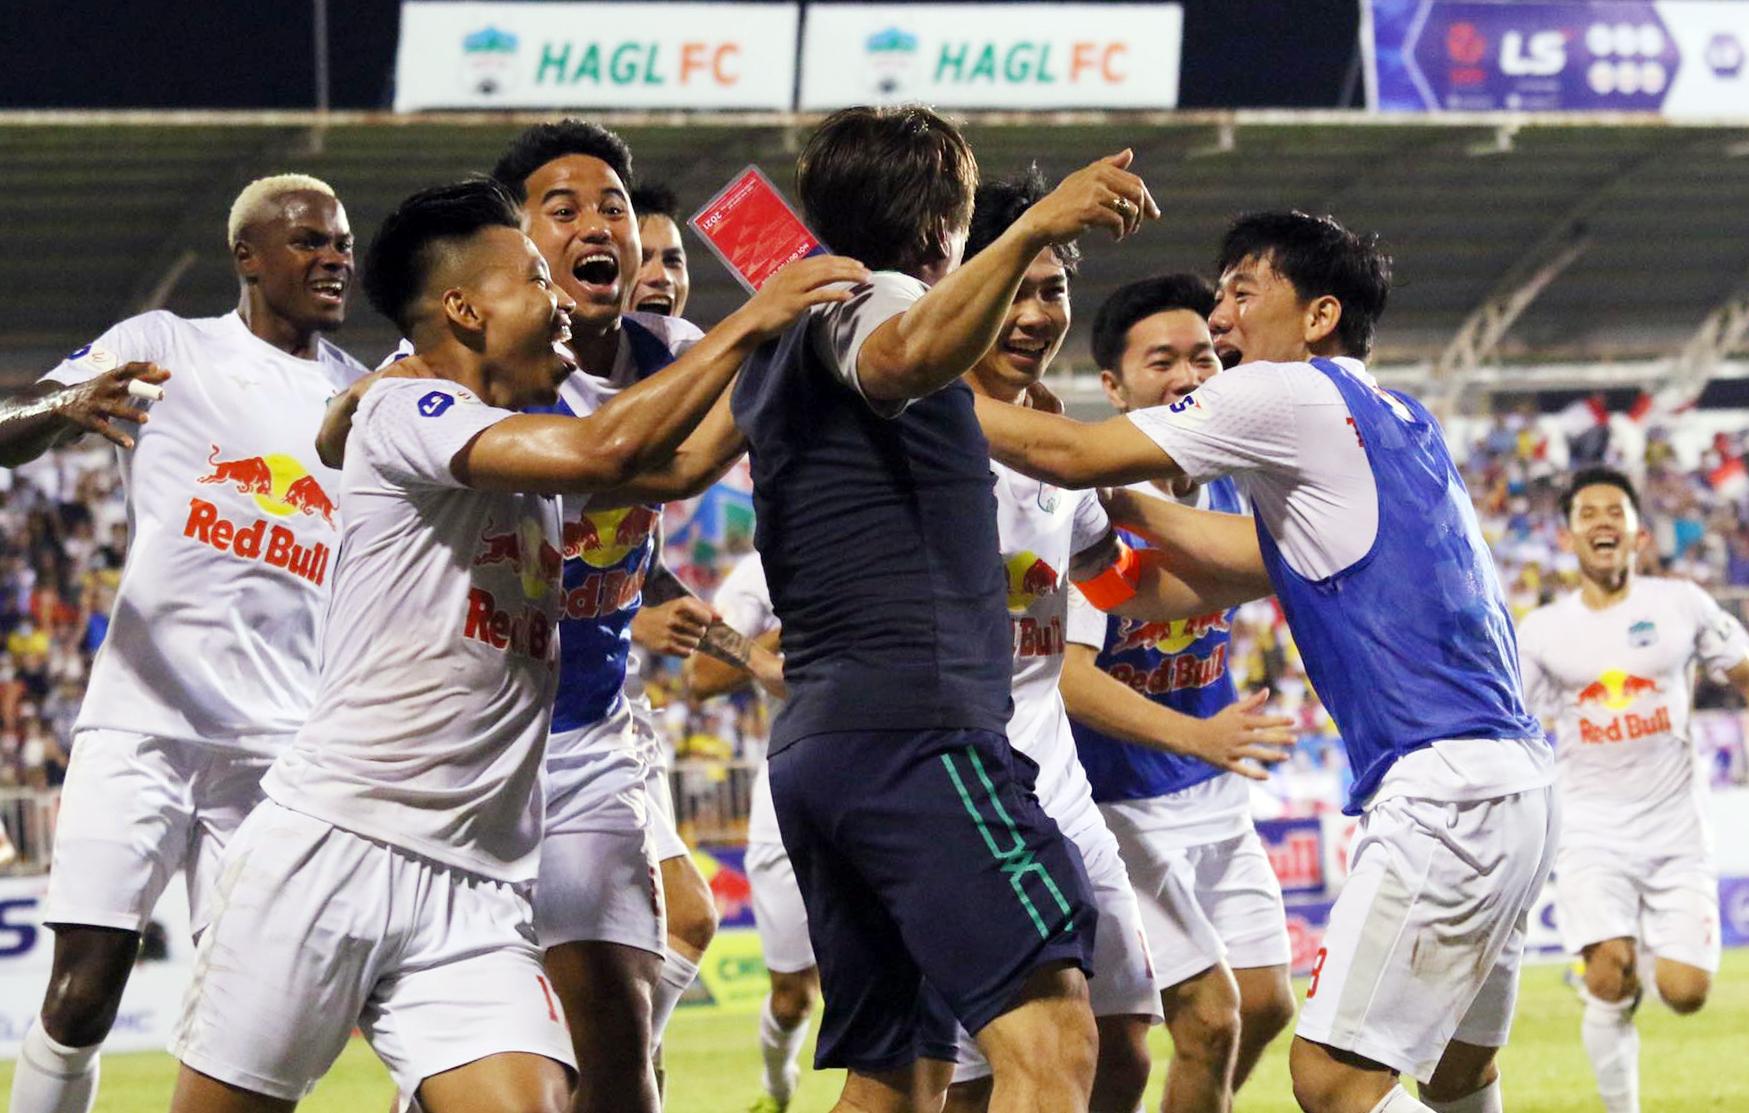 ผู้เล่นและเจ้าหน้าที่ฝึกสอนของ HAGL กอดกันเพื่อเฉลิมฉลองหลังจากชัยชนะ 4-3 ของ Cong Phuong  ภาพ: Dong Huyen